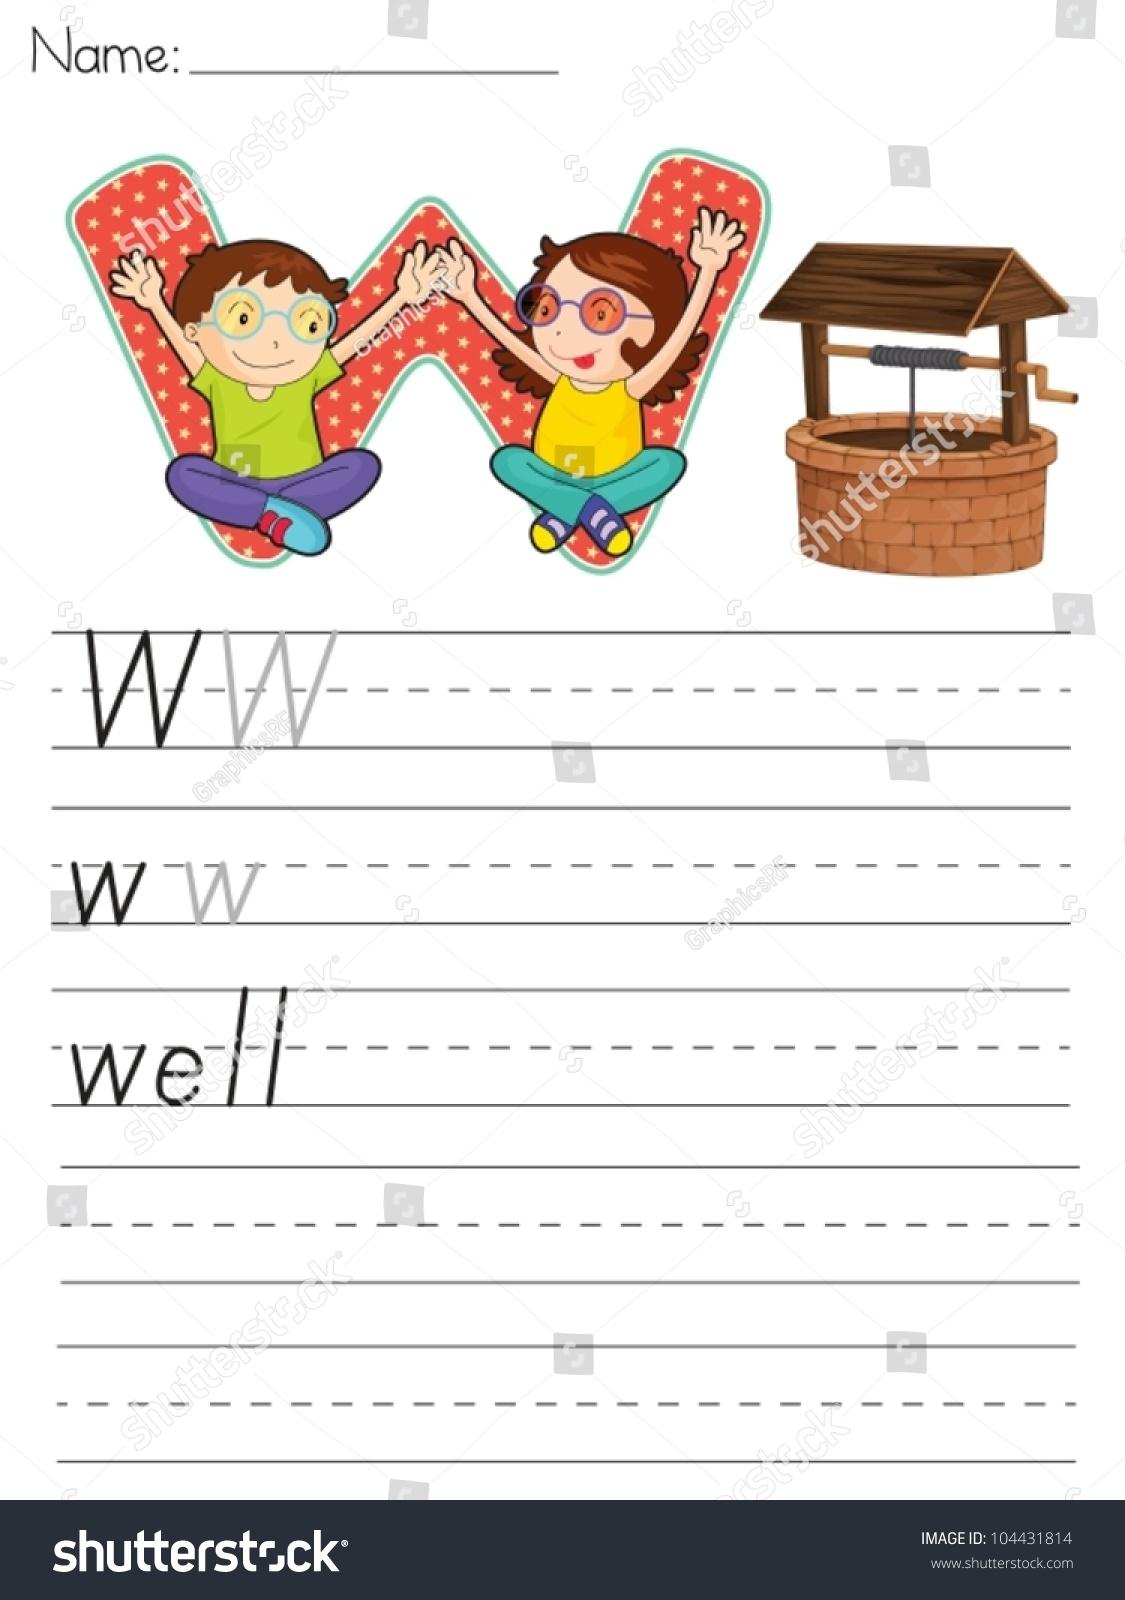 Alphabet Worksheet Of The Letter W Stock Vector